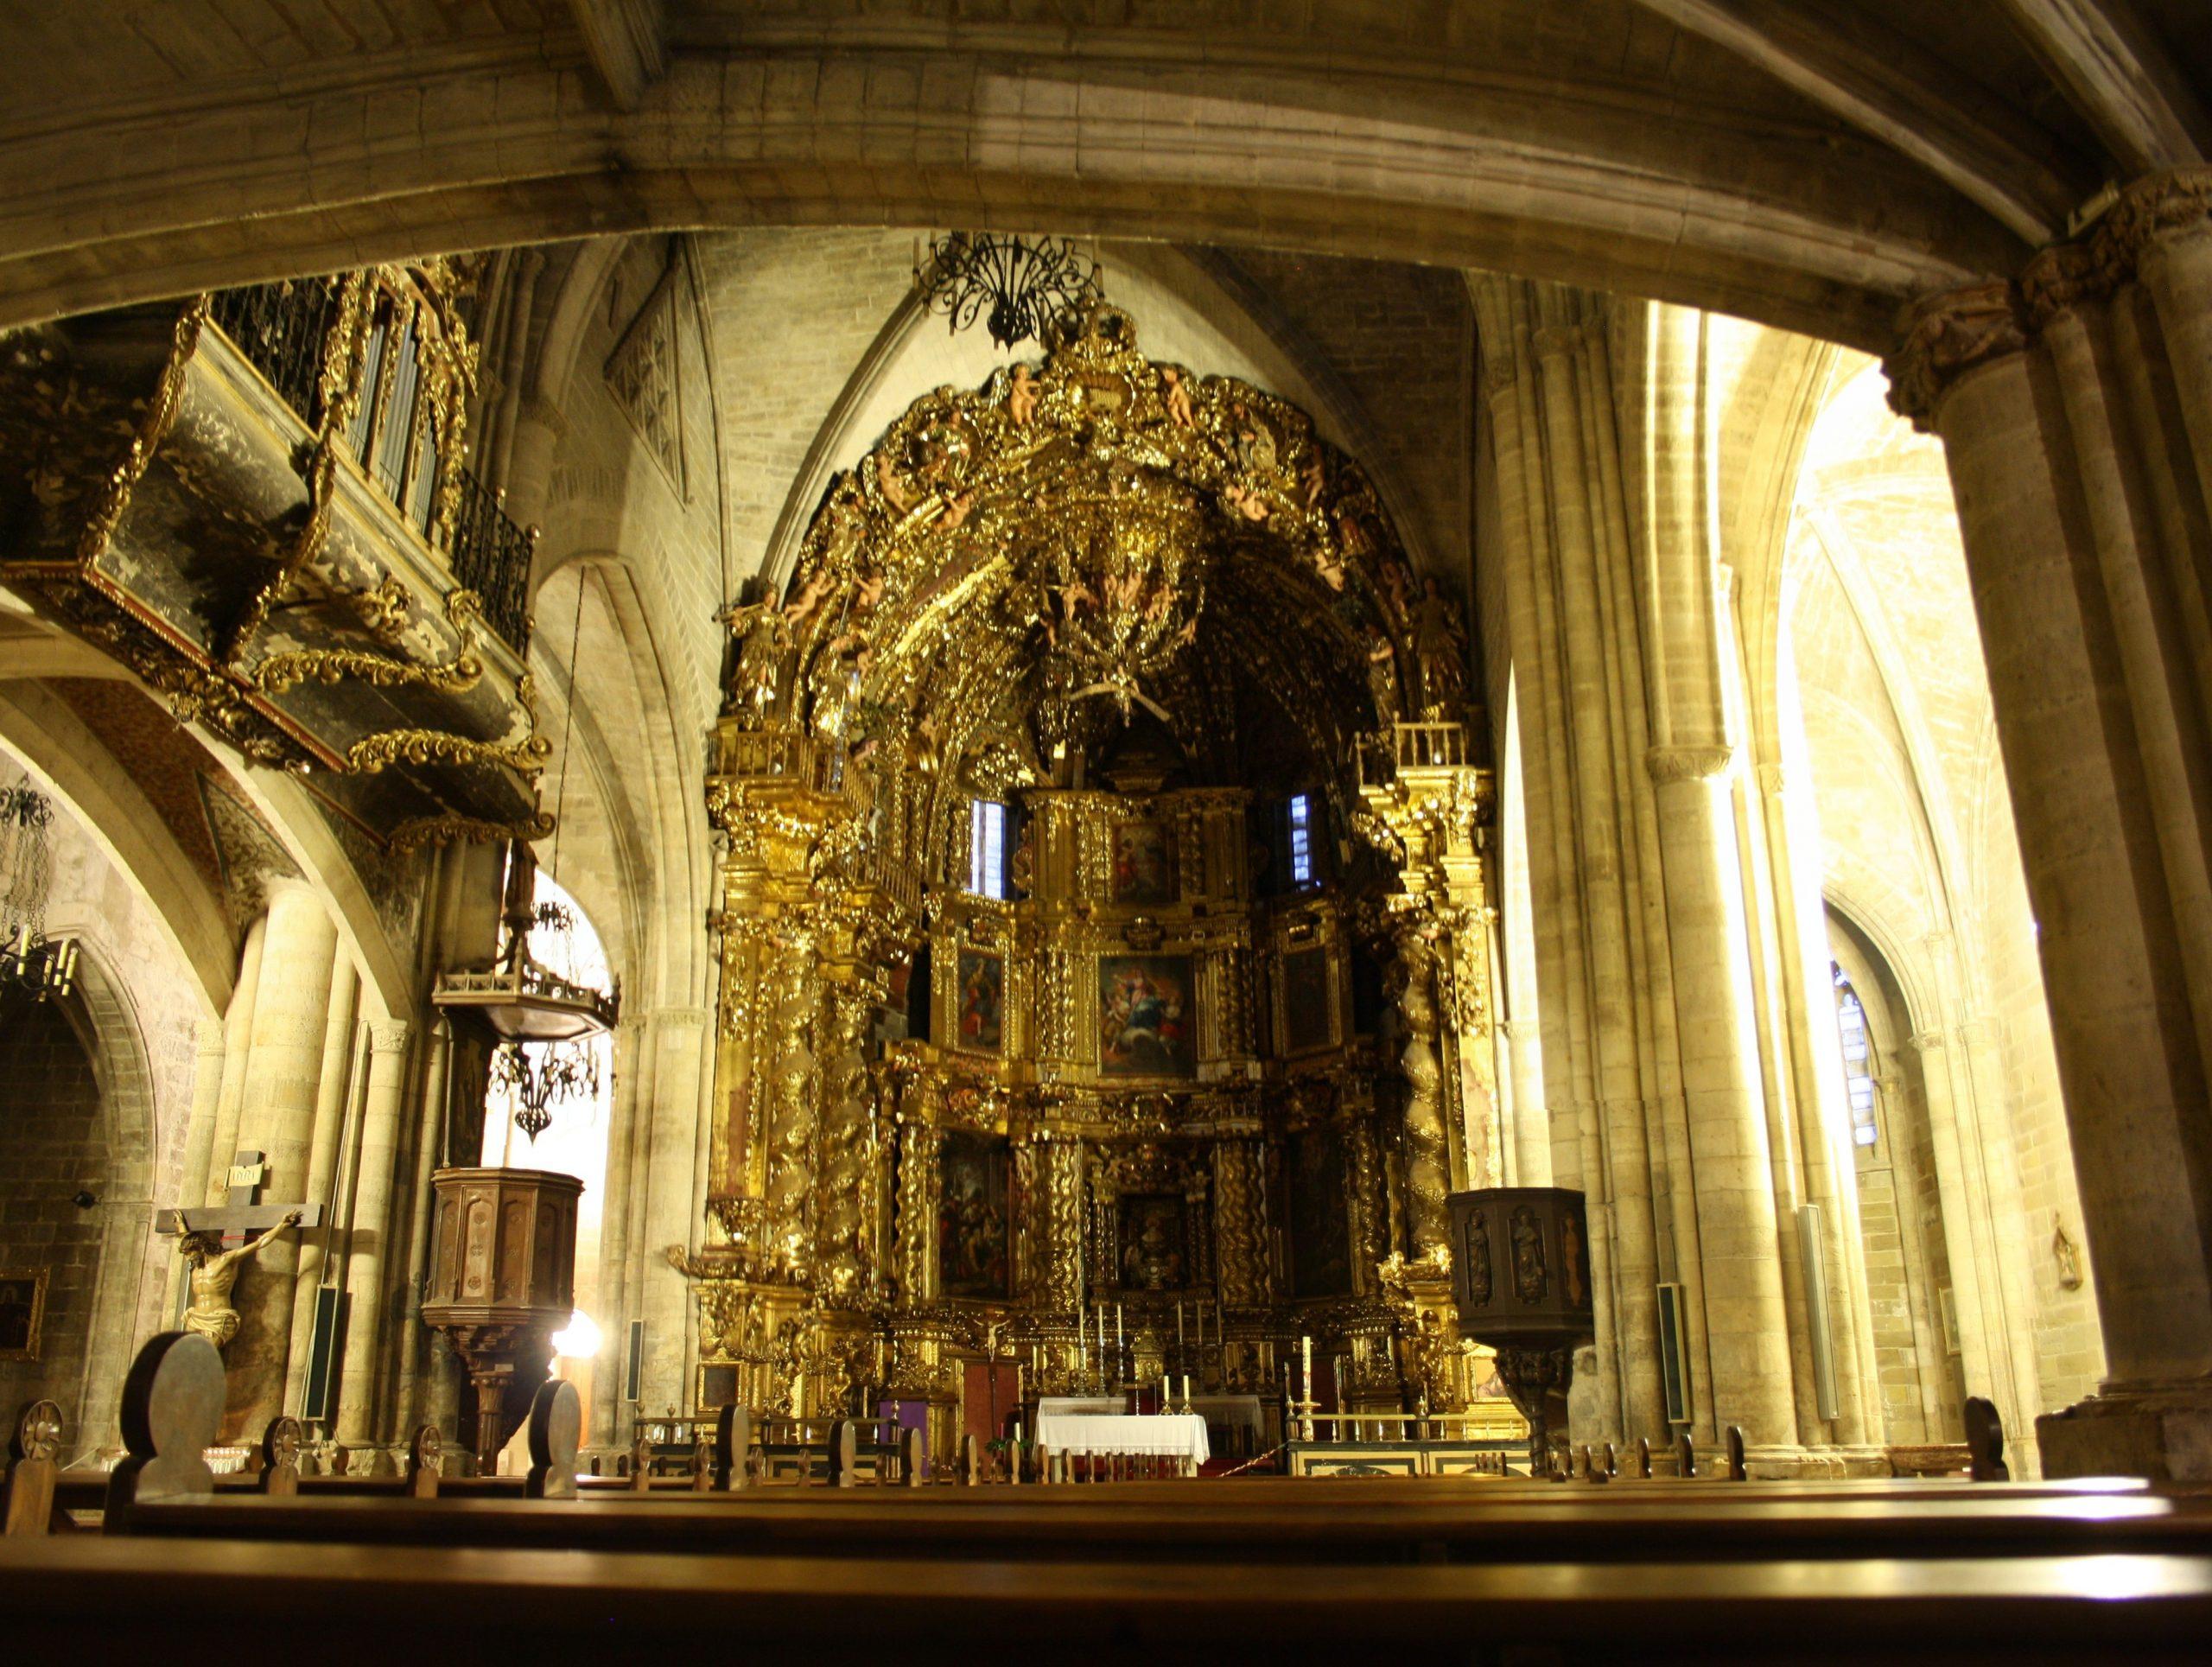 Basílica Arciprestal, Morella